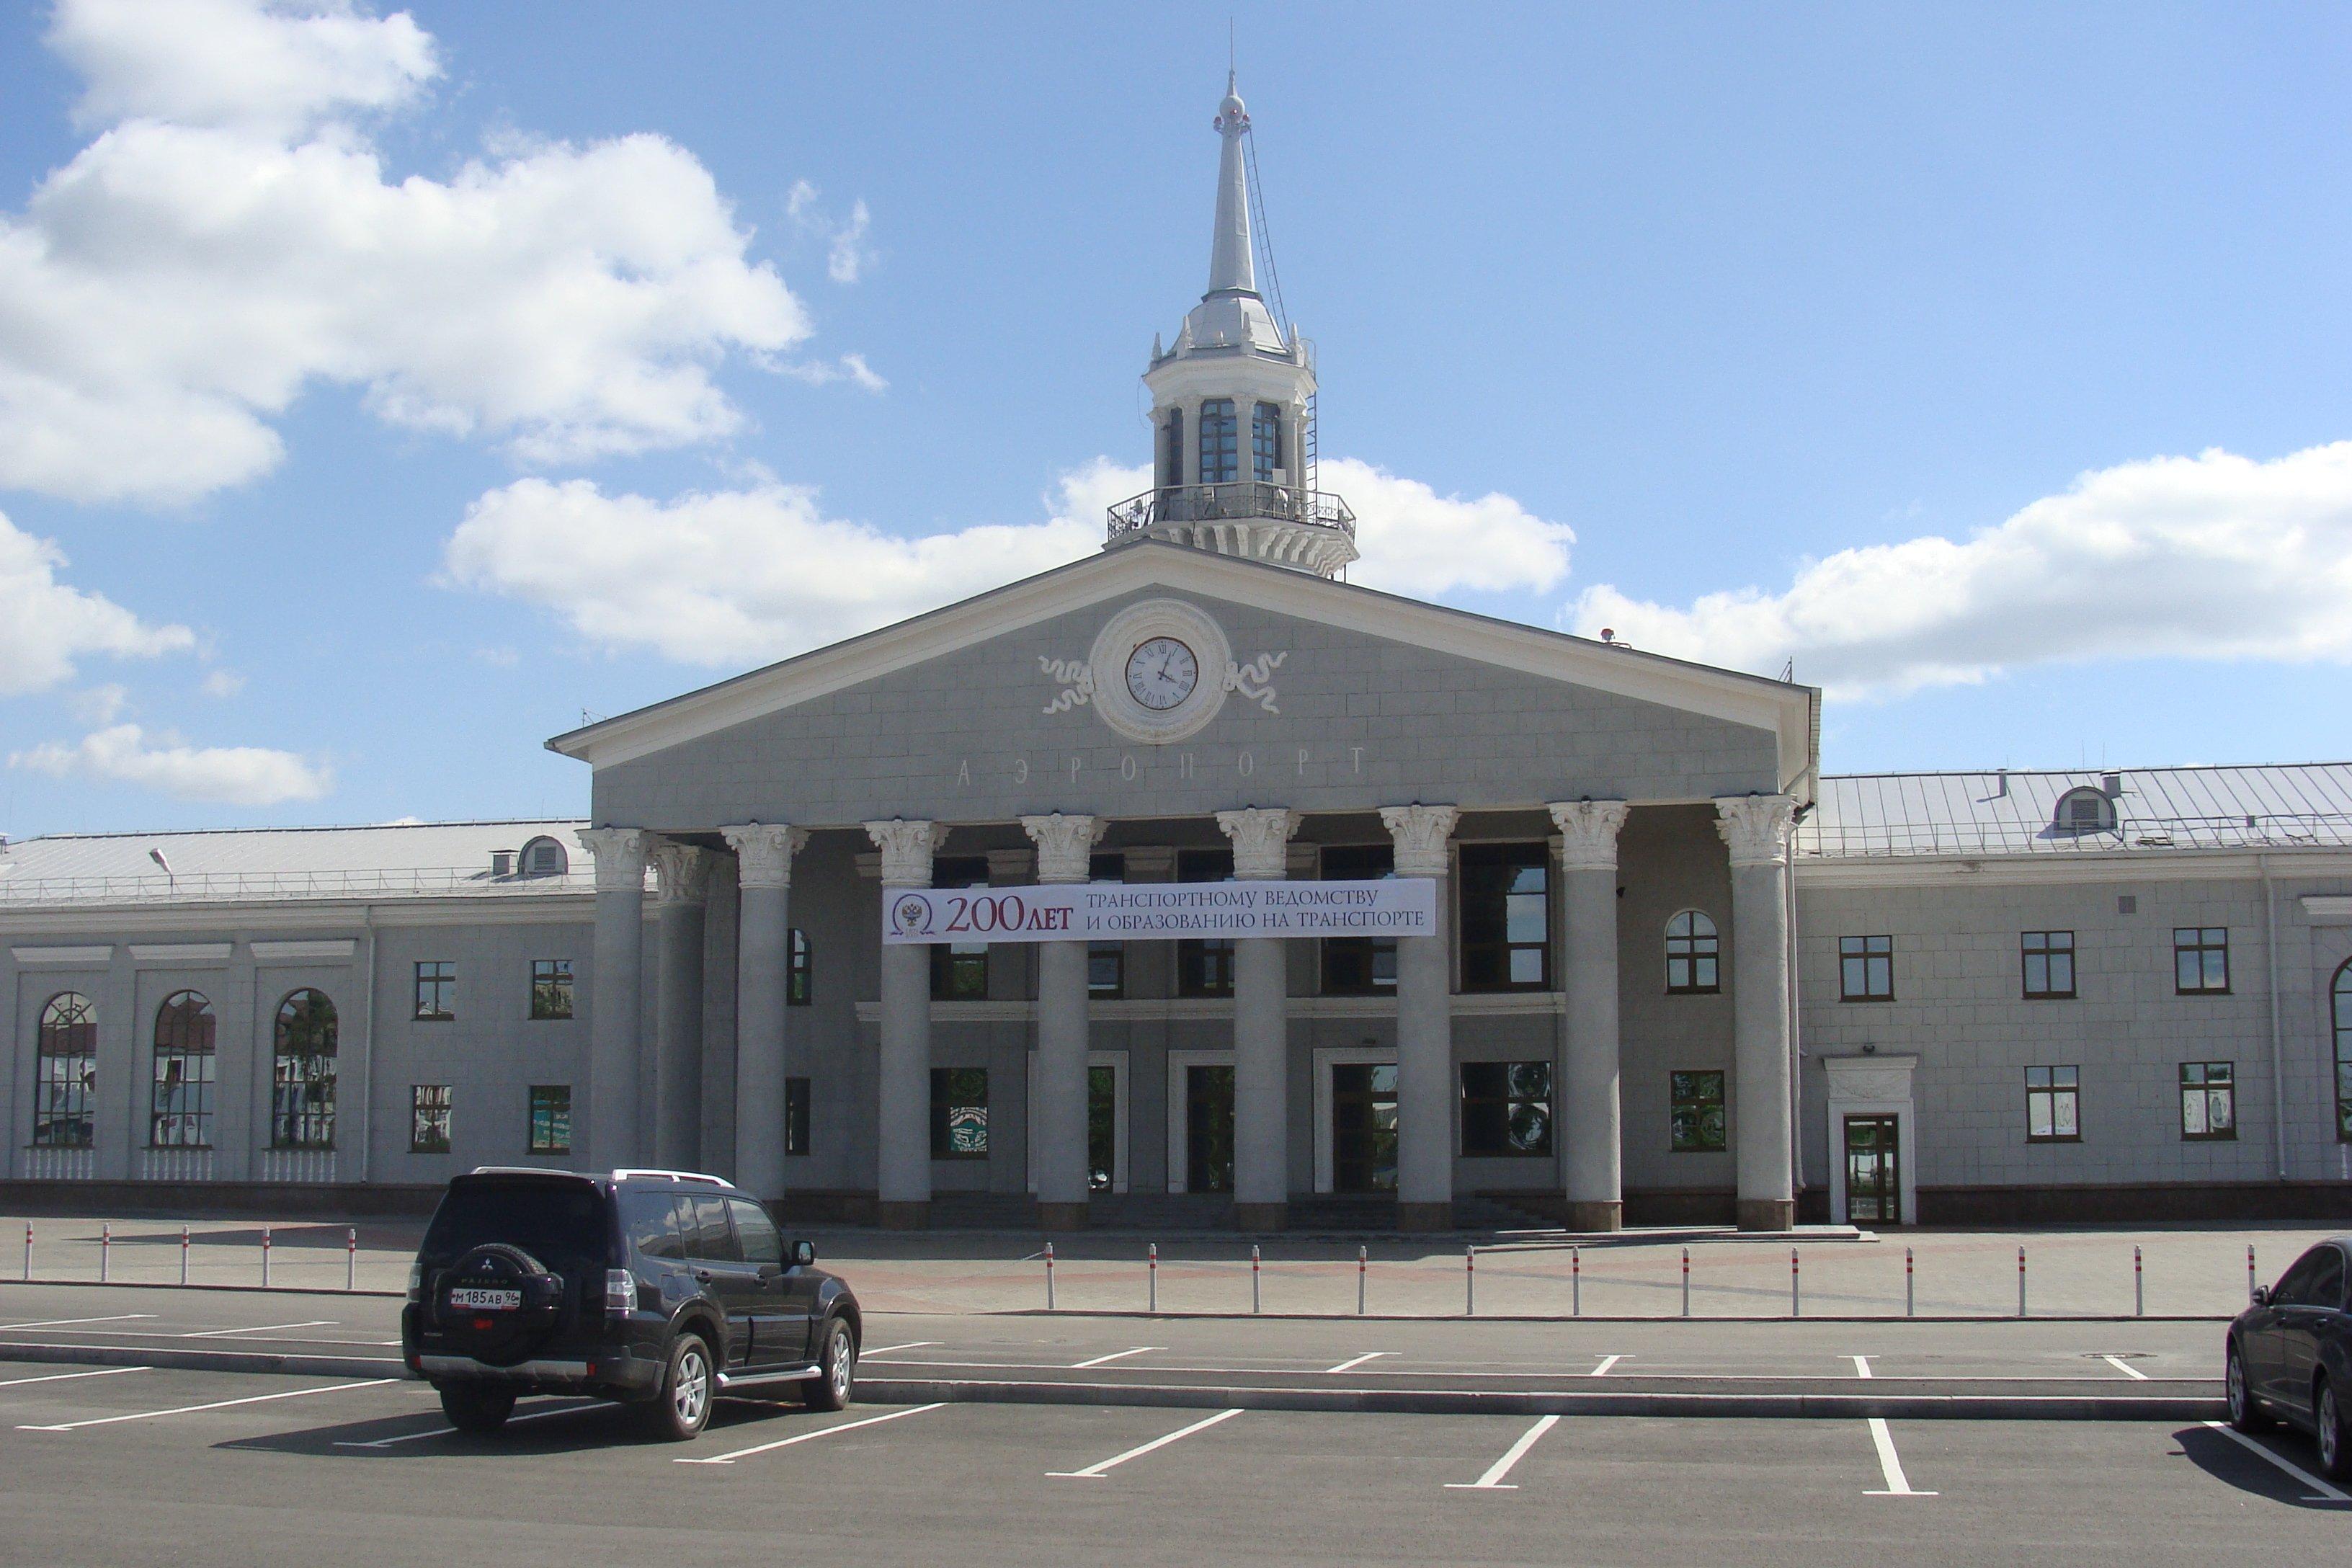 Старое здание в аэропорту Кольцово (Екатеринбург)